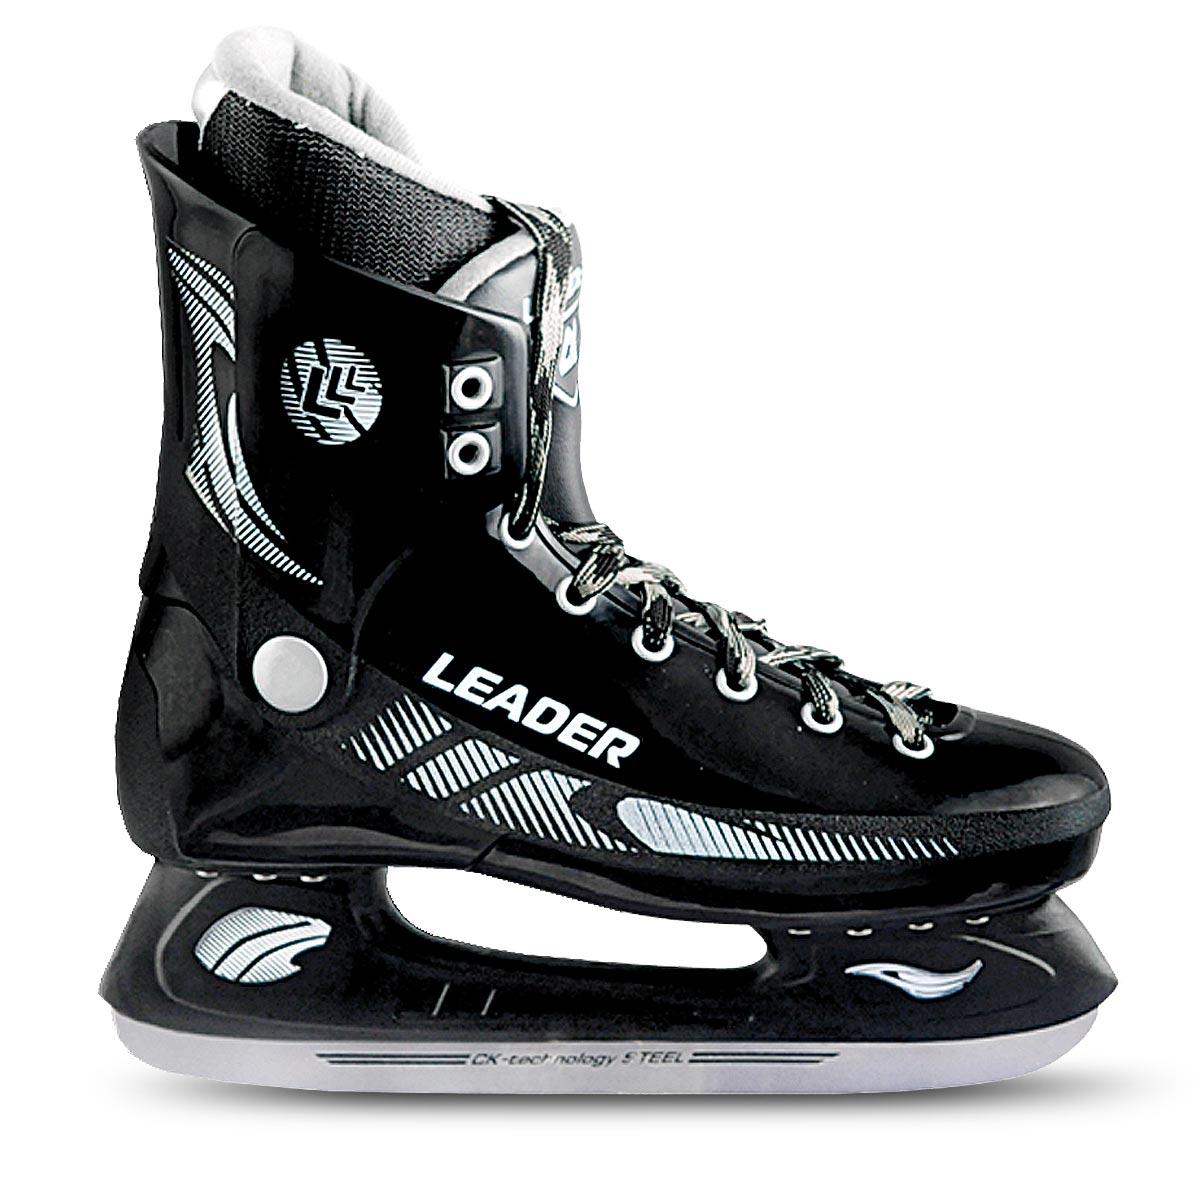 Коньки хоккейные мужские CK Leader, цвет: черный. Размер 41